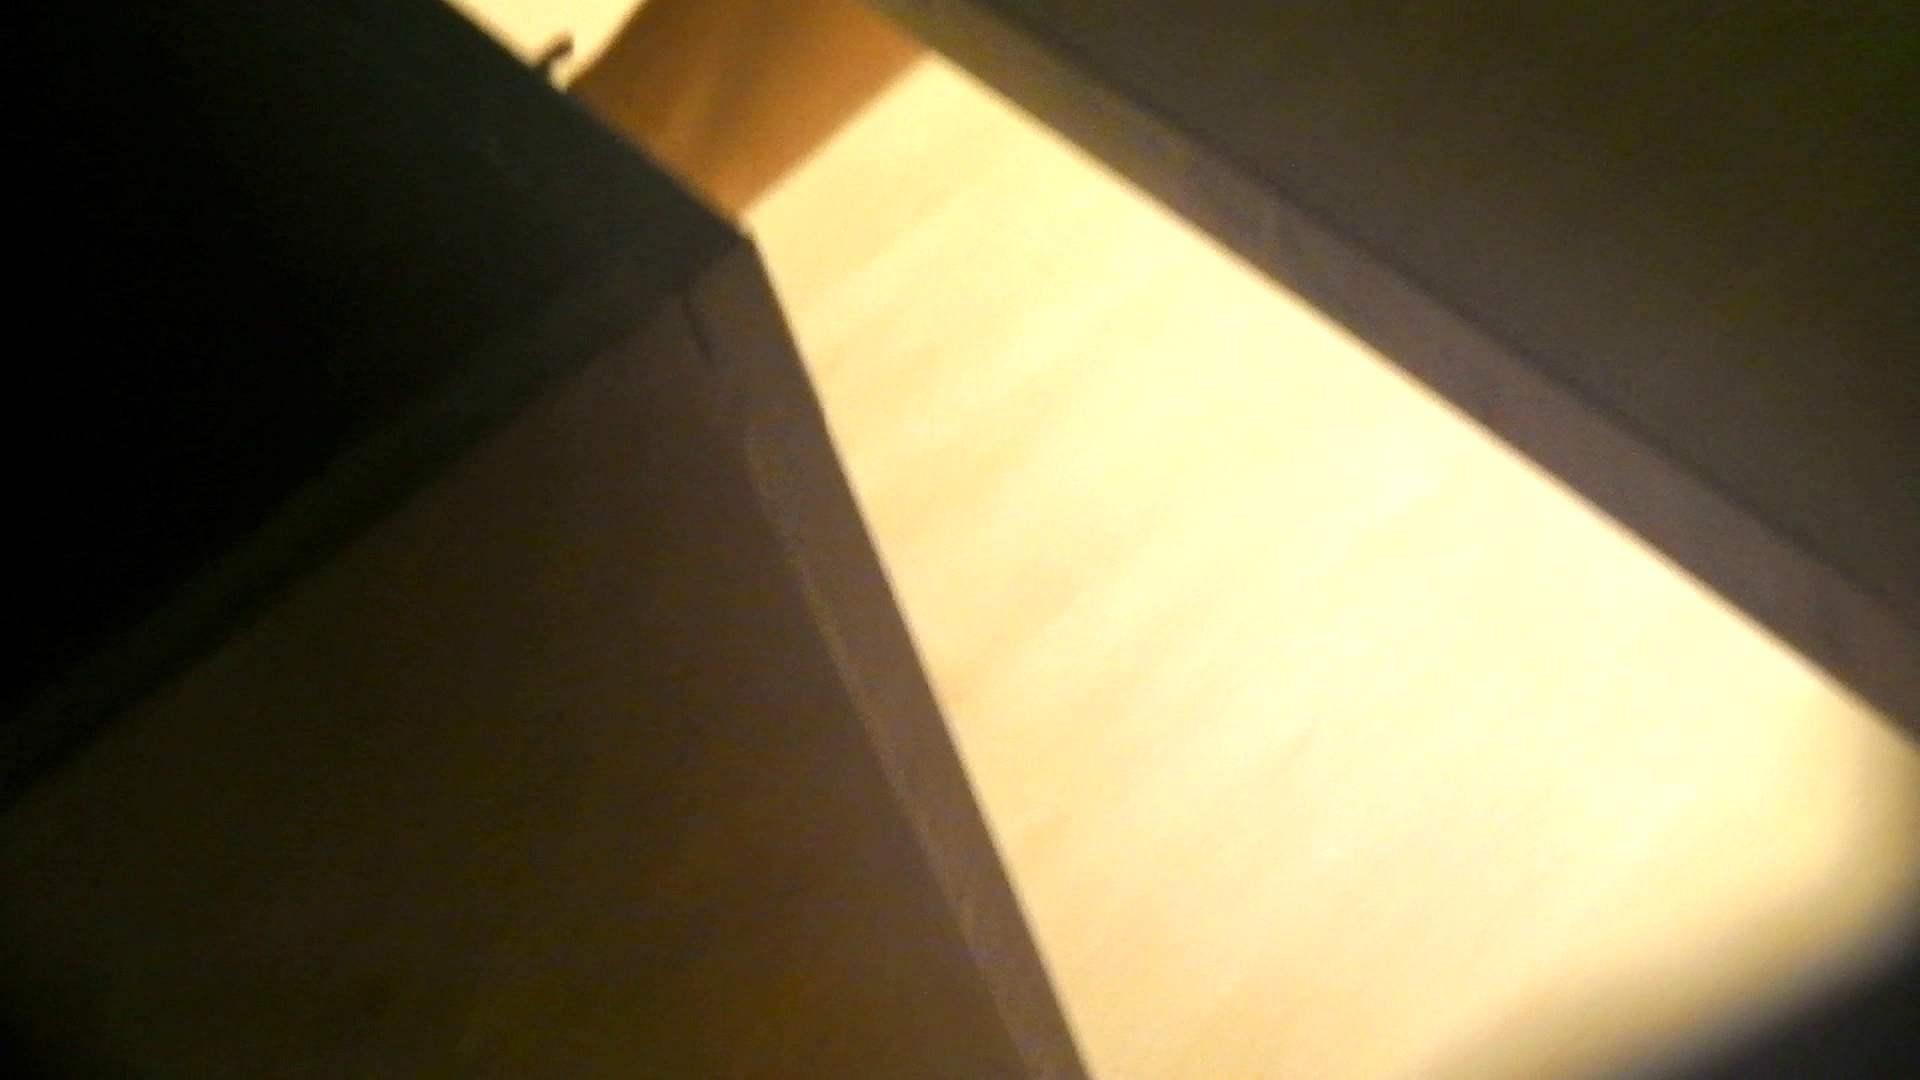 阿国ちゃんの「和式洋式七変化」No.14 和式   お姉さん  79画像 79